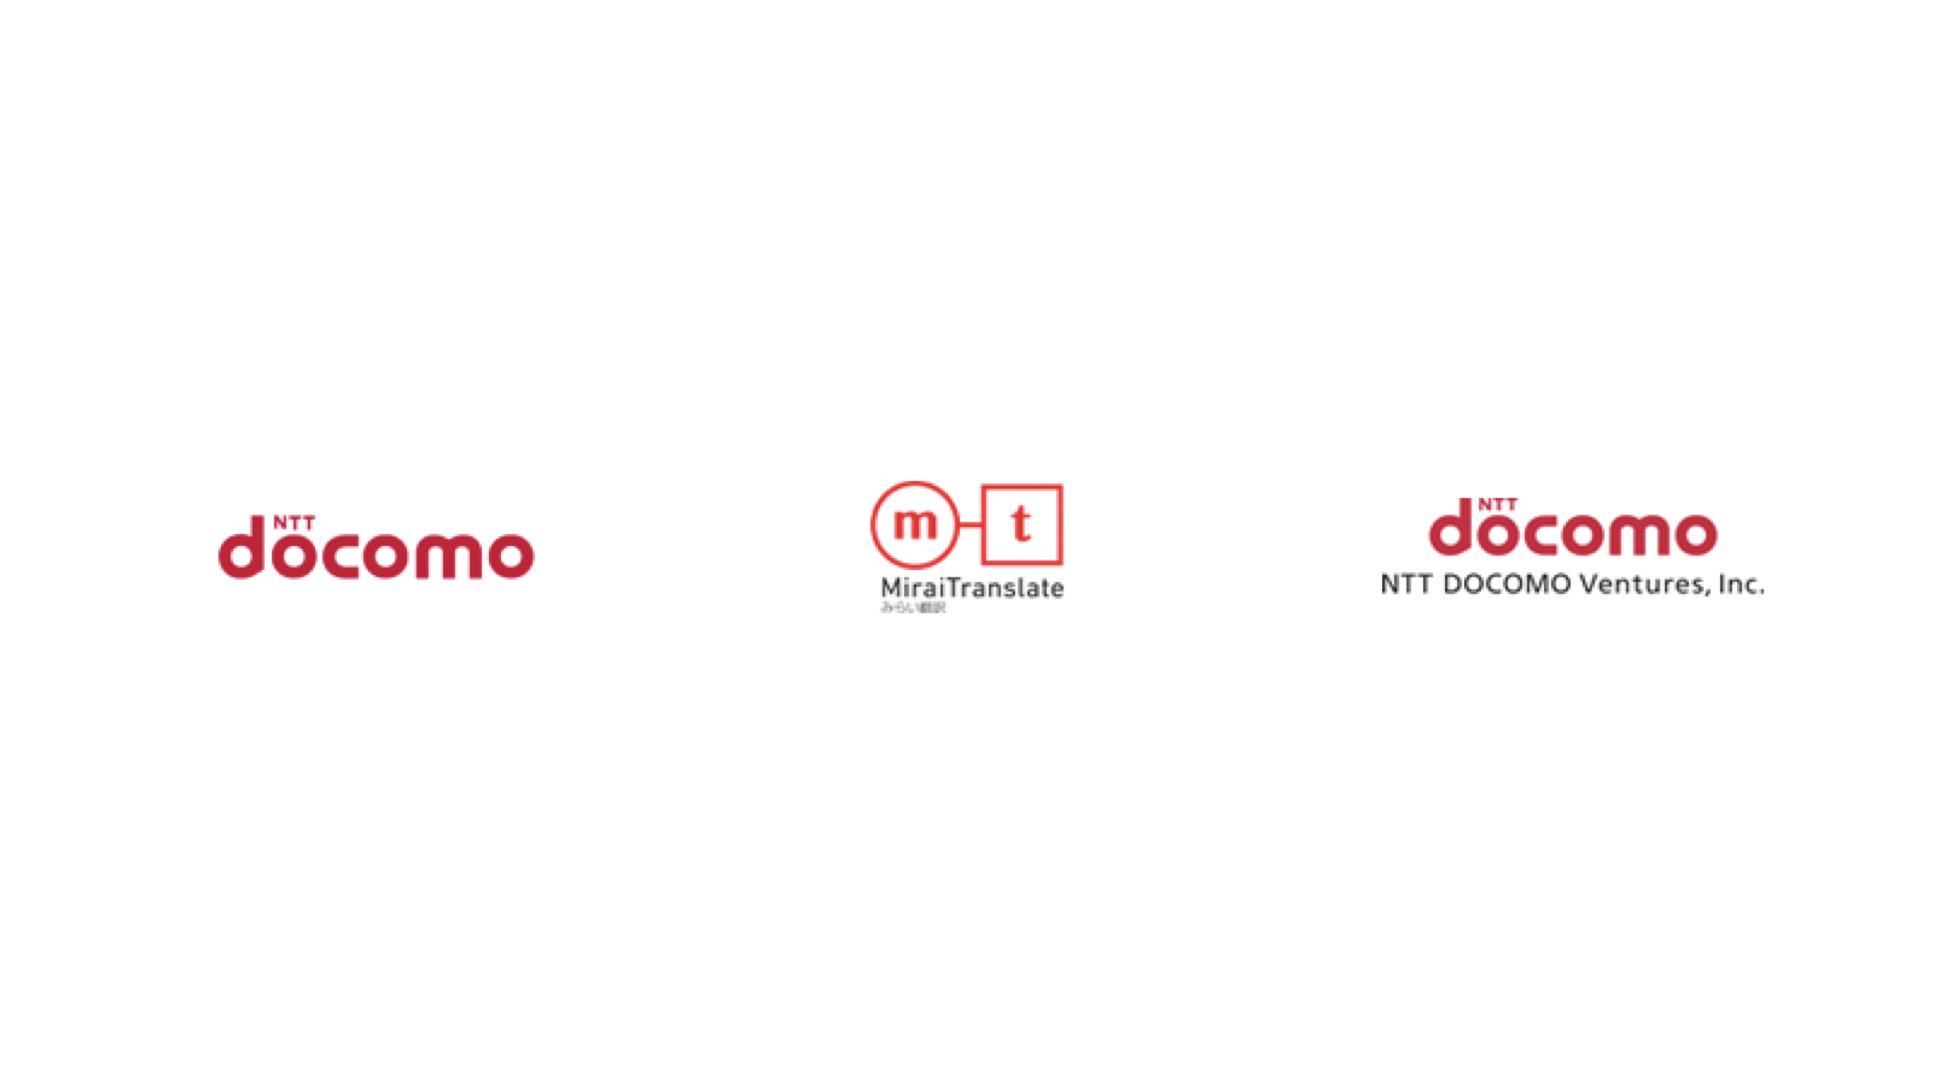 ドコモ×Otter.ai×みらい翻訳 | 英会話をリアルタイムに書き起こすサービスの日本展開に向けた協業を開始